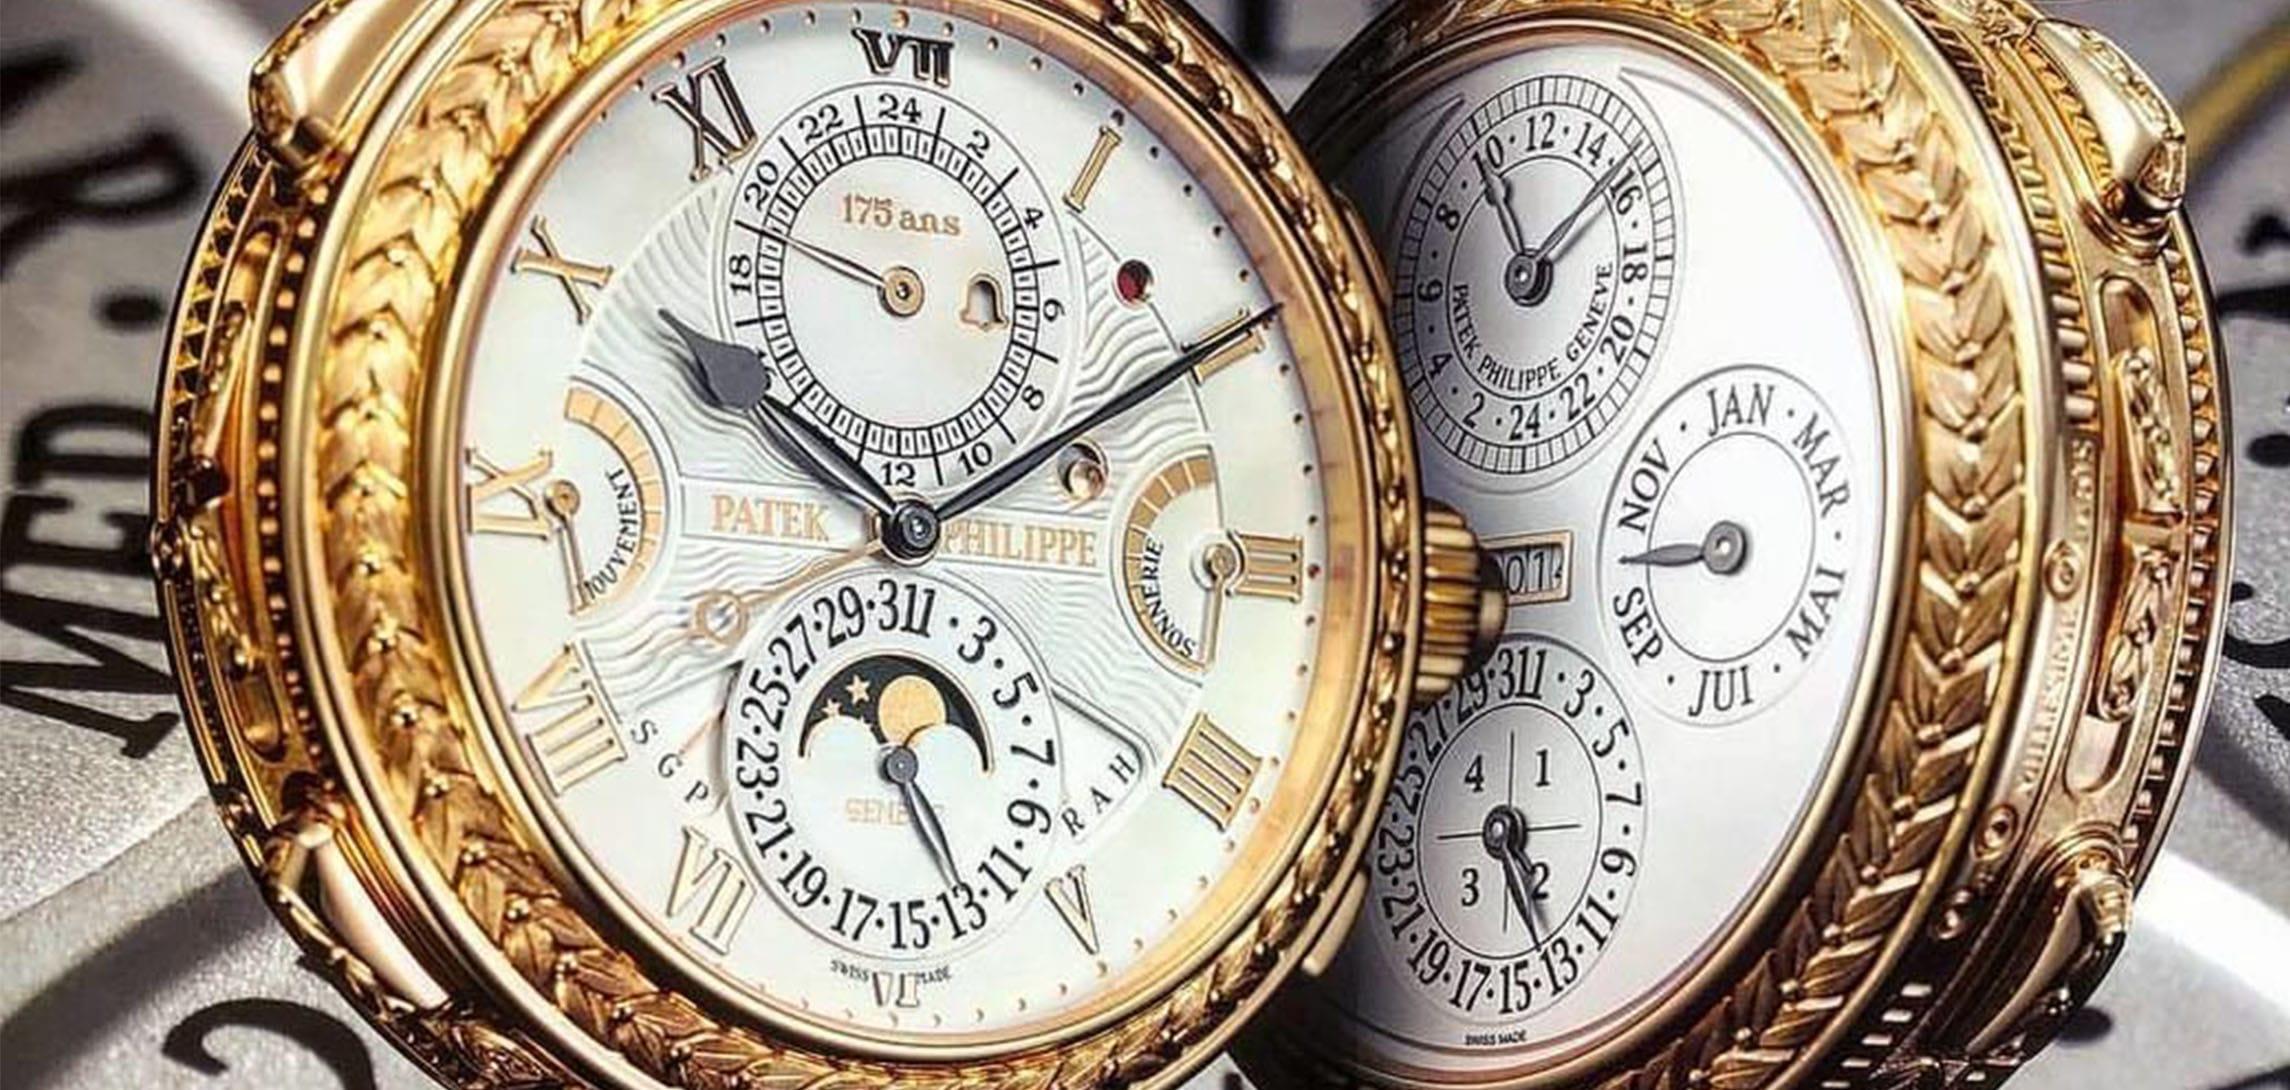 Une véritable oeuvre d'art dans l'horlogerie: La Patek Philippe Grandmaster Chime.